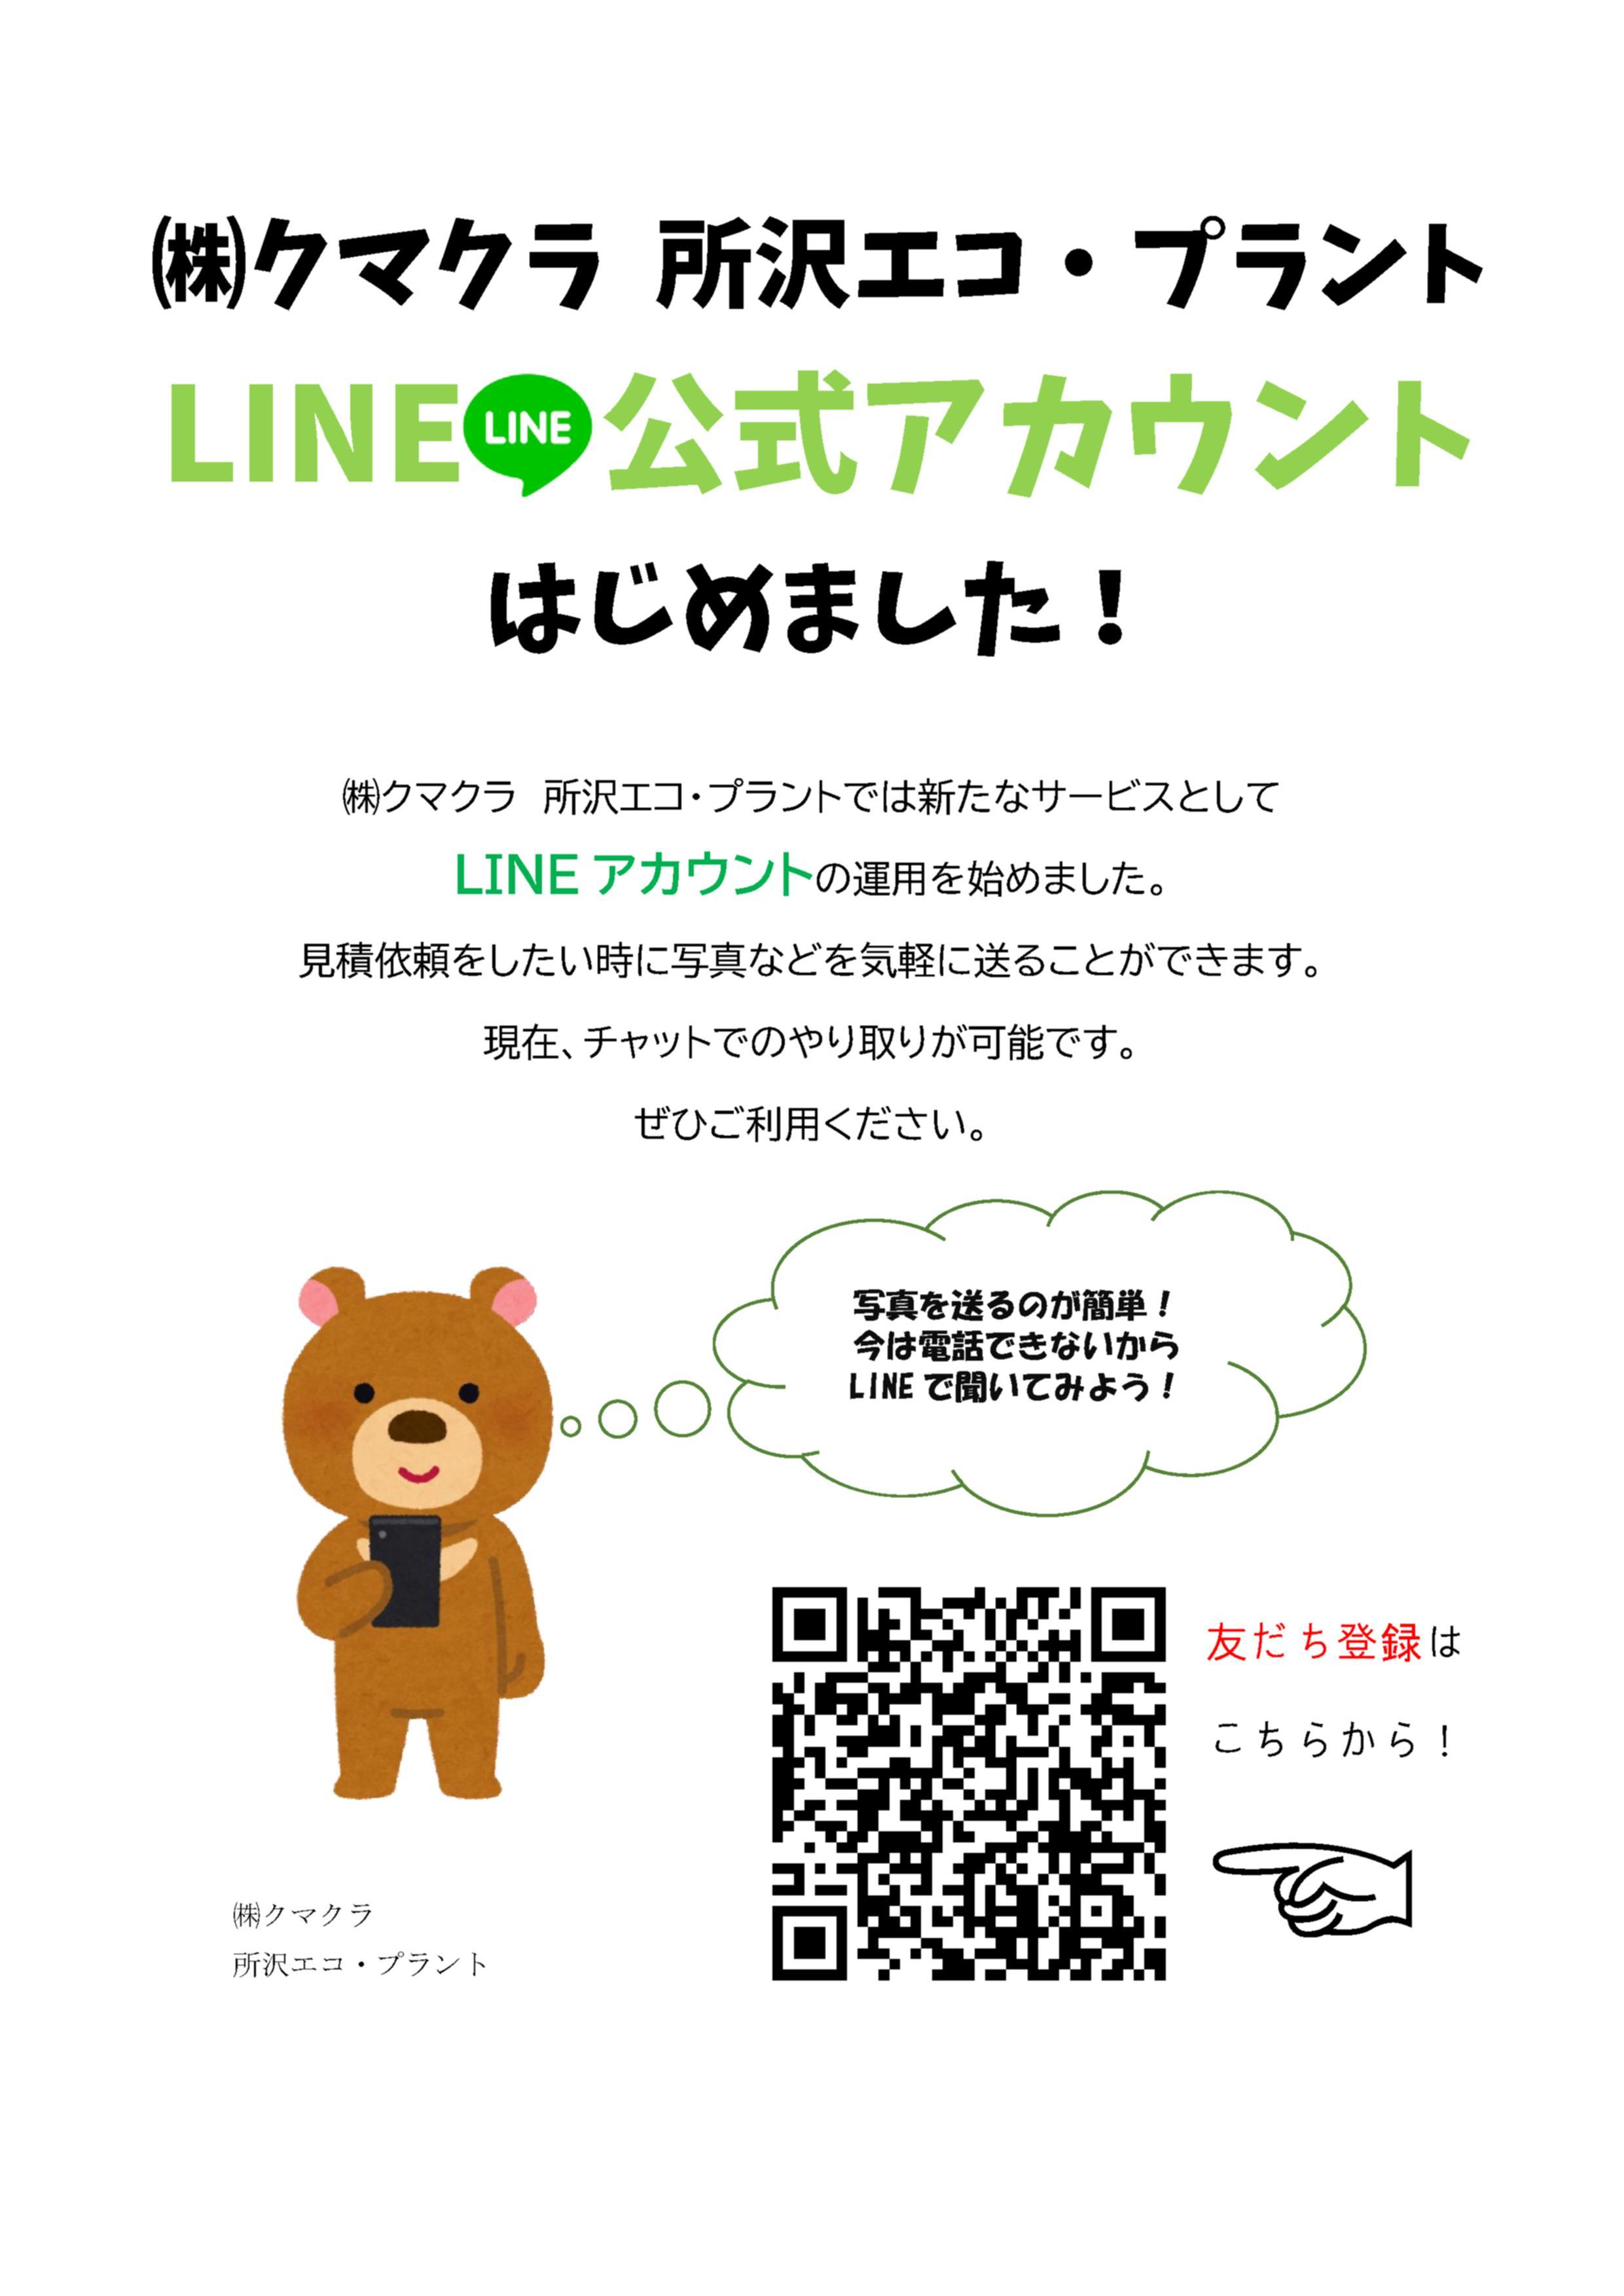 """LINE公式アカウント:""""友達登録""""によって、お問い合わせの回答やイベント情報のご案内を行います"""